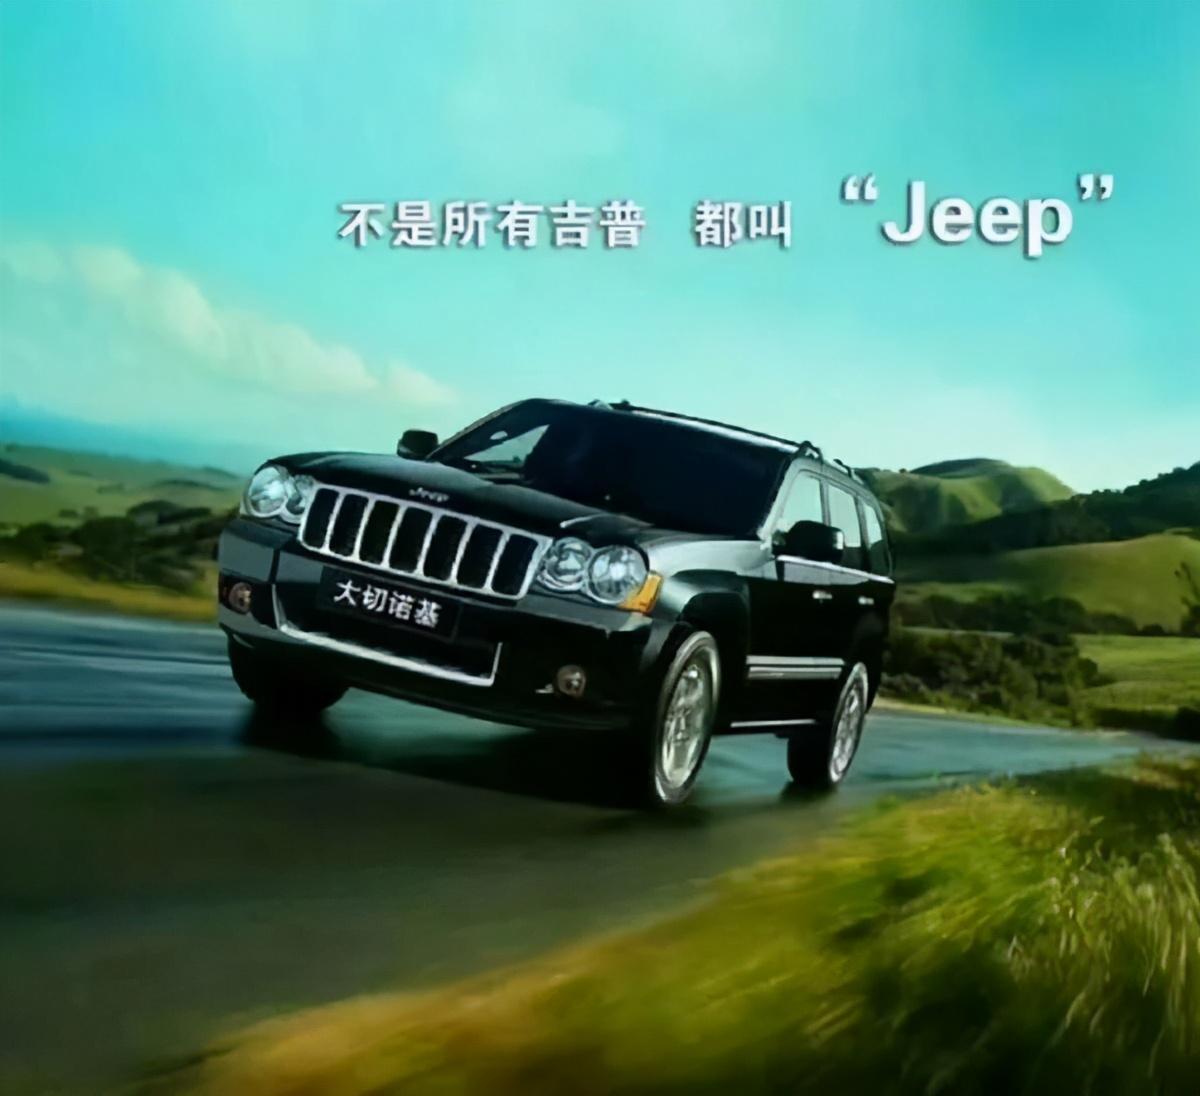 年销量从20万跌至4万!广菲克Jeep为何连年暴跌愈演愈烈?